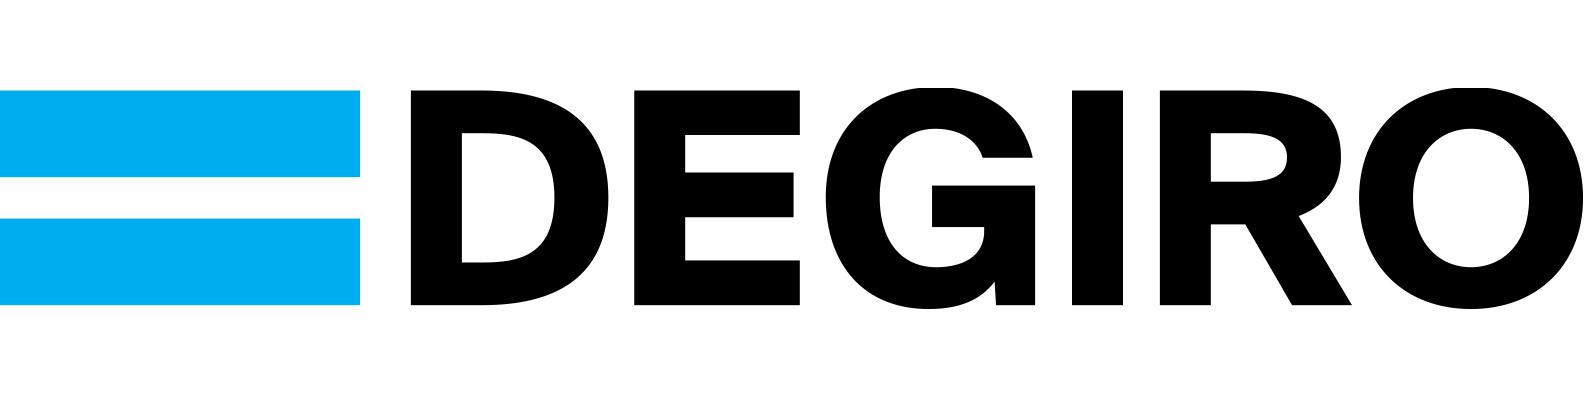 beste neue kryptowährung, in die 2021 investiert werden kann] broker vergleich degiro